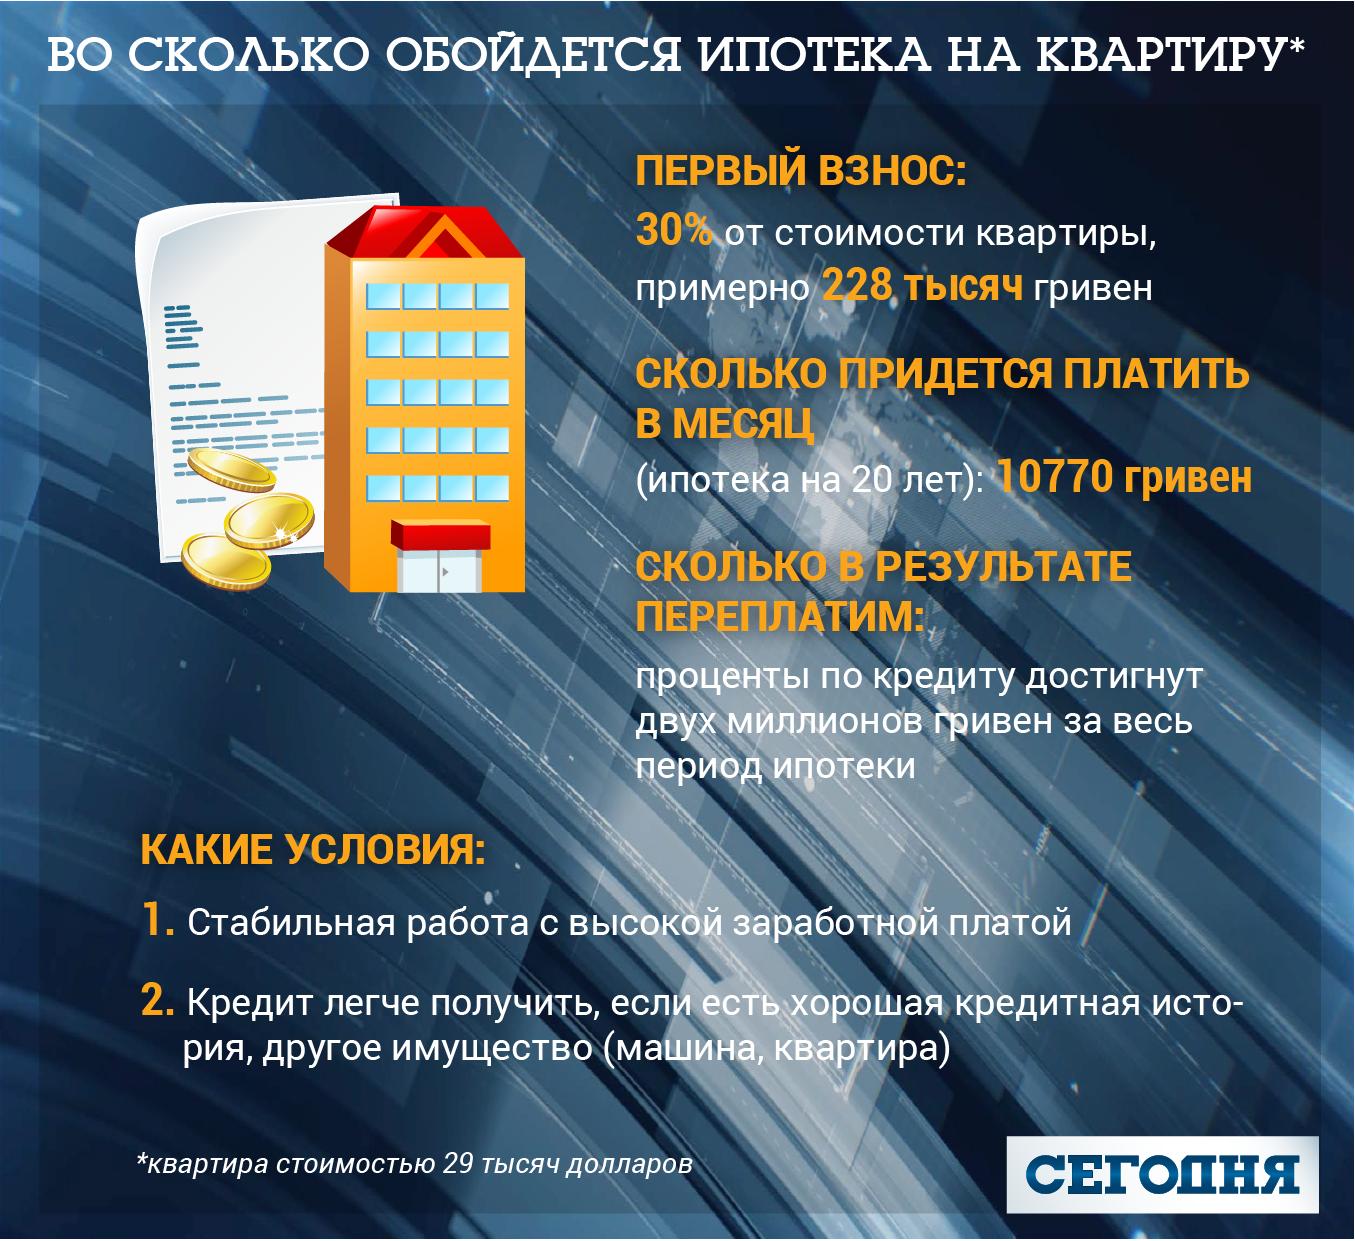 Повышение пенсии пенсионерам мвд с 1 октября 2013